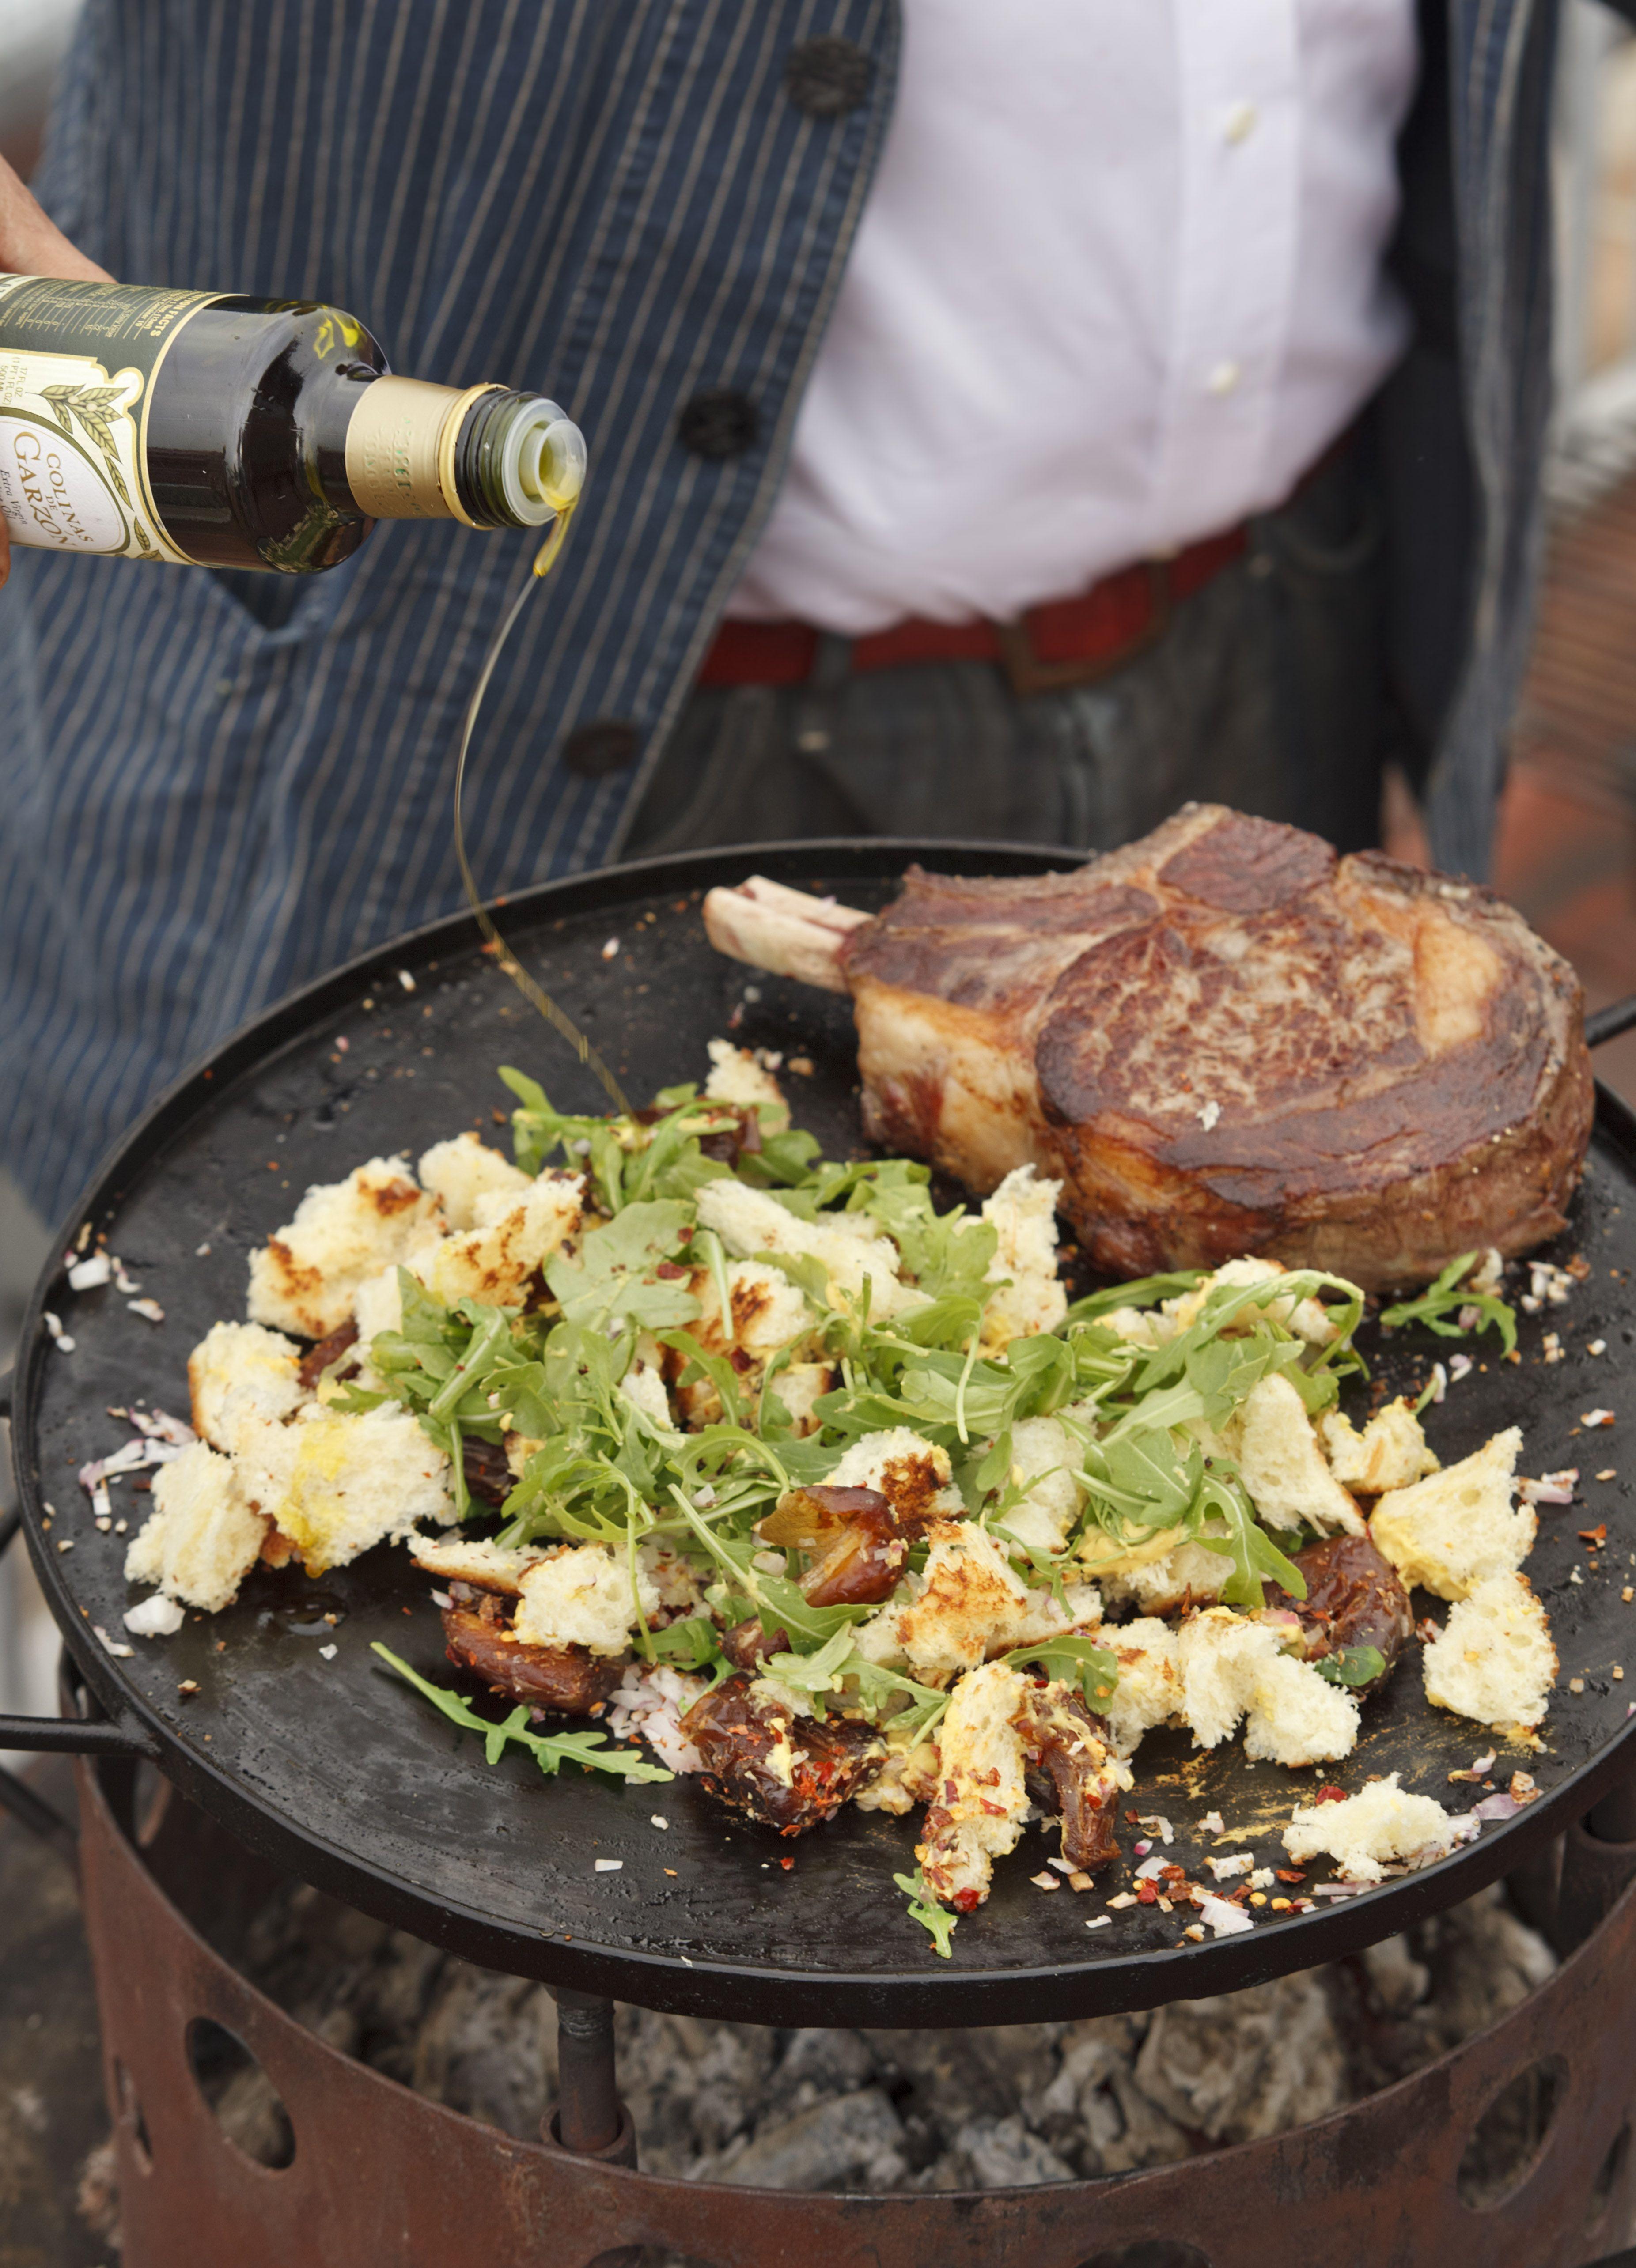 Cowboy rib eye a la plancha with crispy brioche salad and